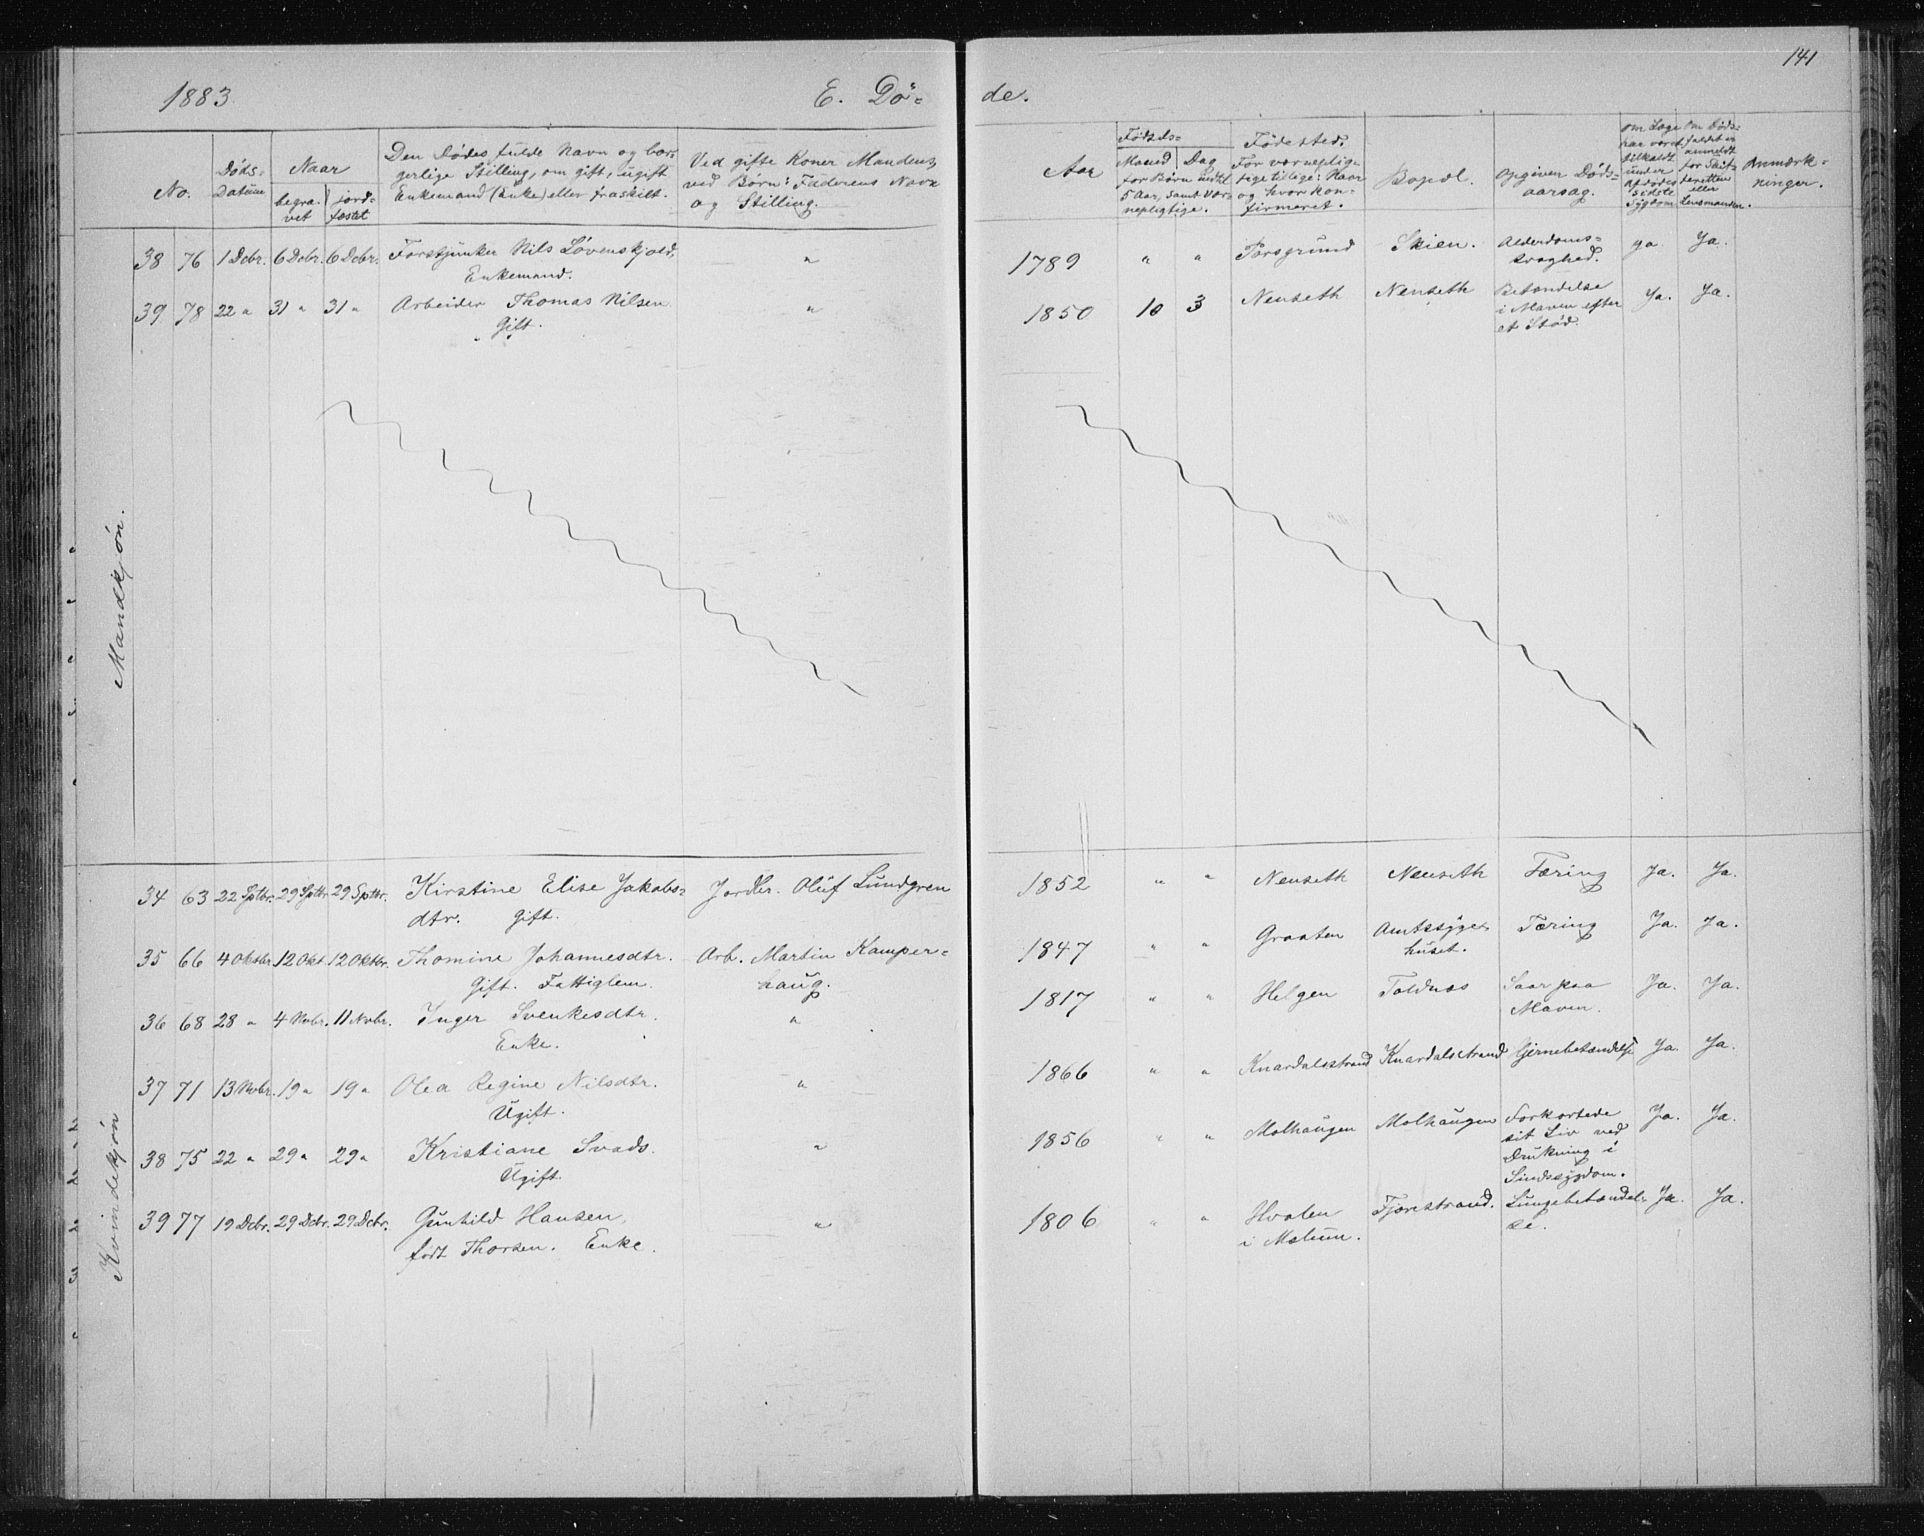 SAKO, Solum kirkebøker, G/Ga/L0006: Klokkerbok nr. I 6, 1882-1883, s. 141